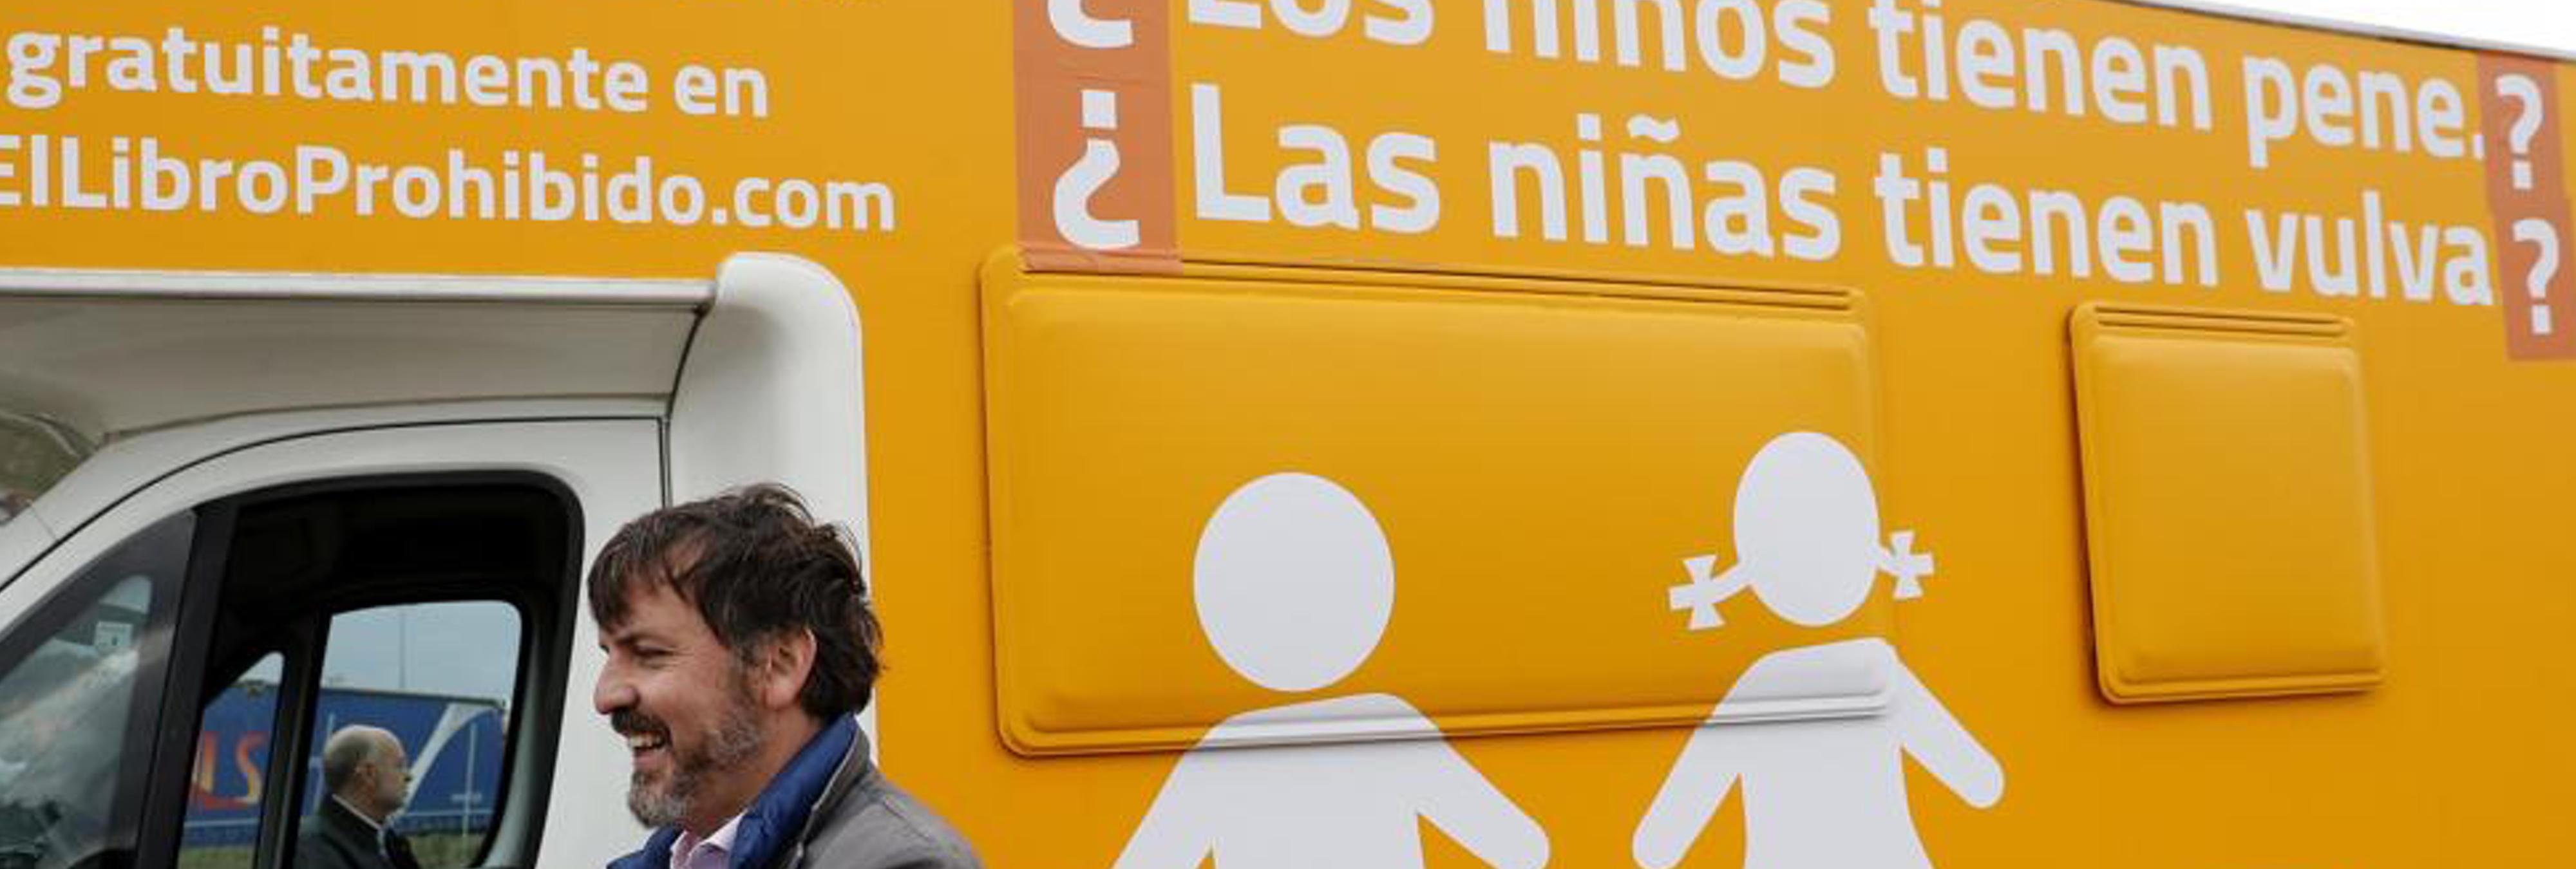 Hazte Oír saca una autocaravana modificando su mensaje tránsfobo